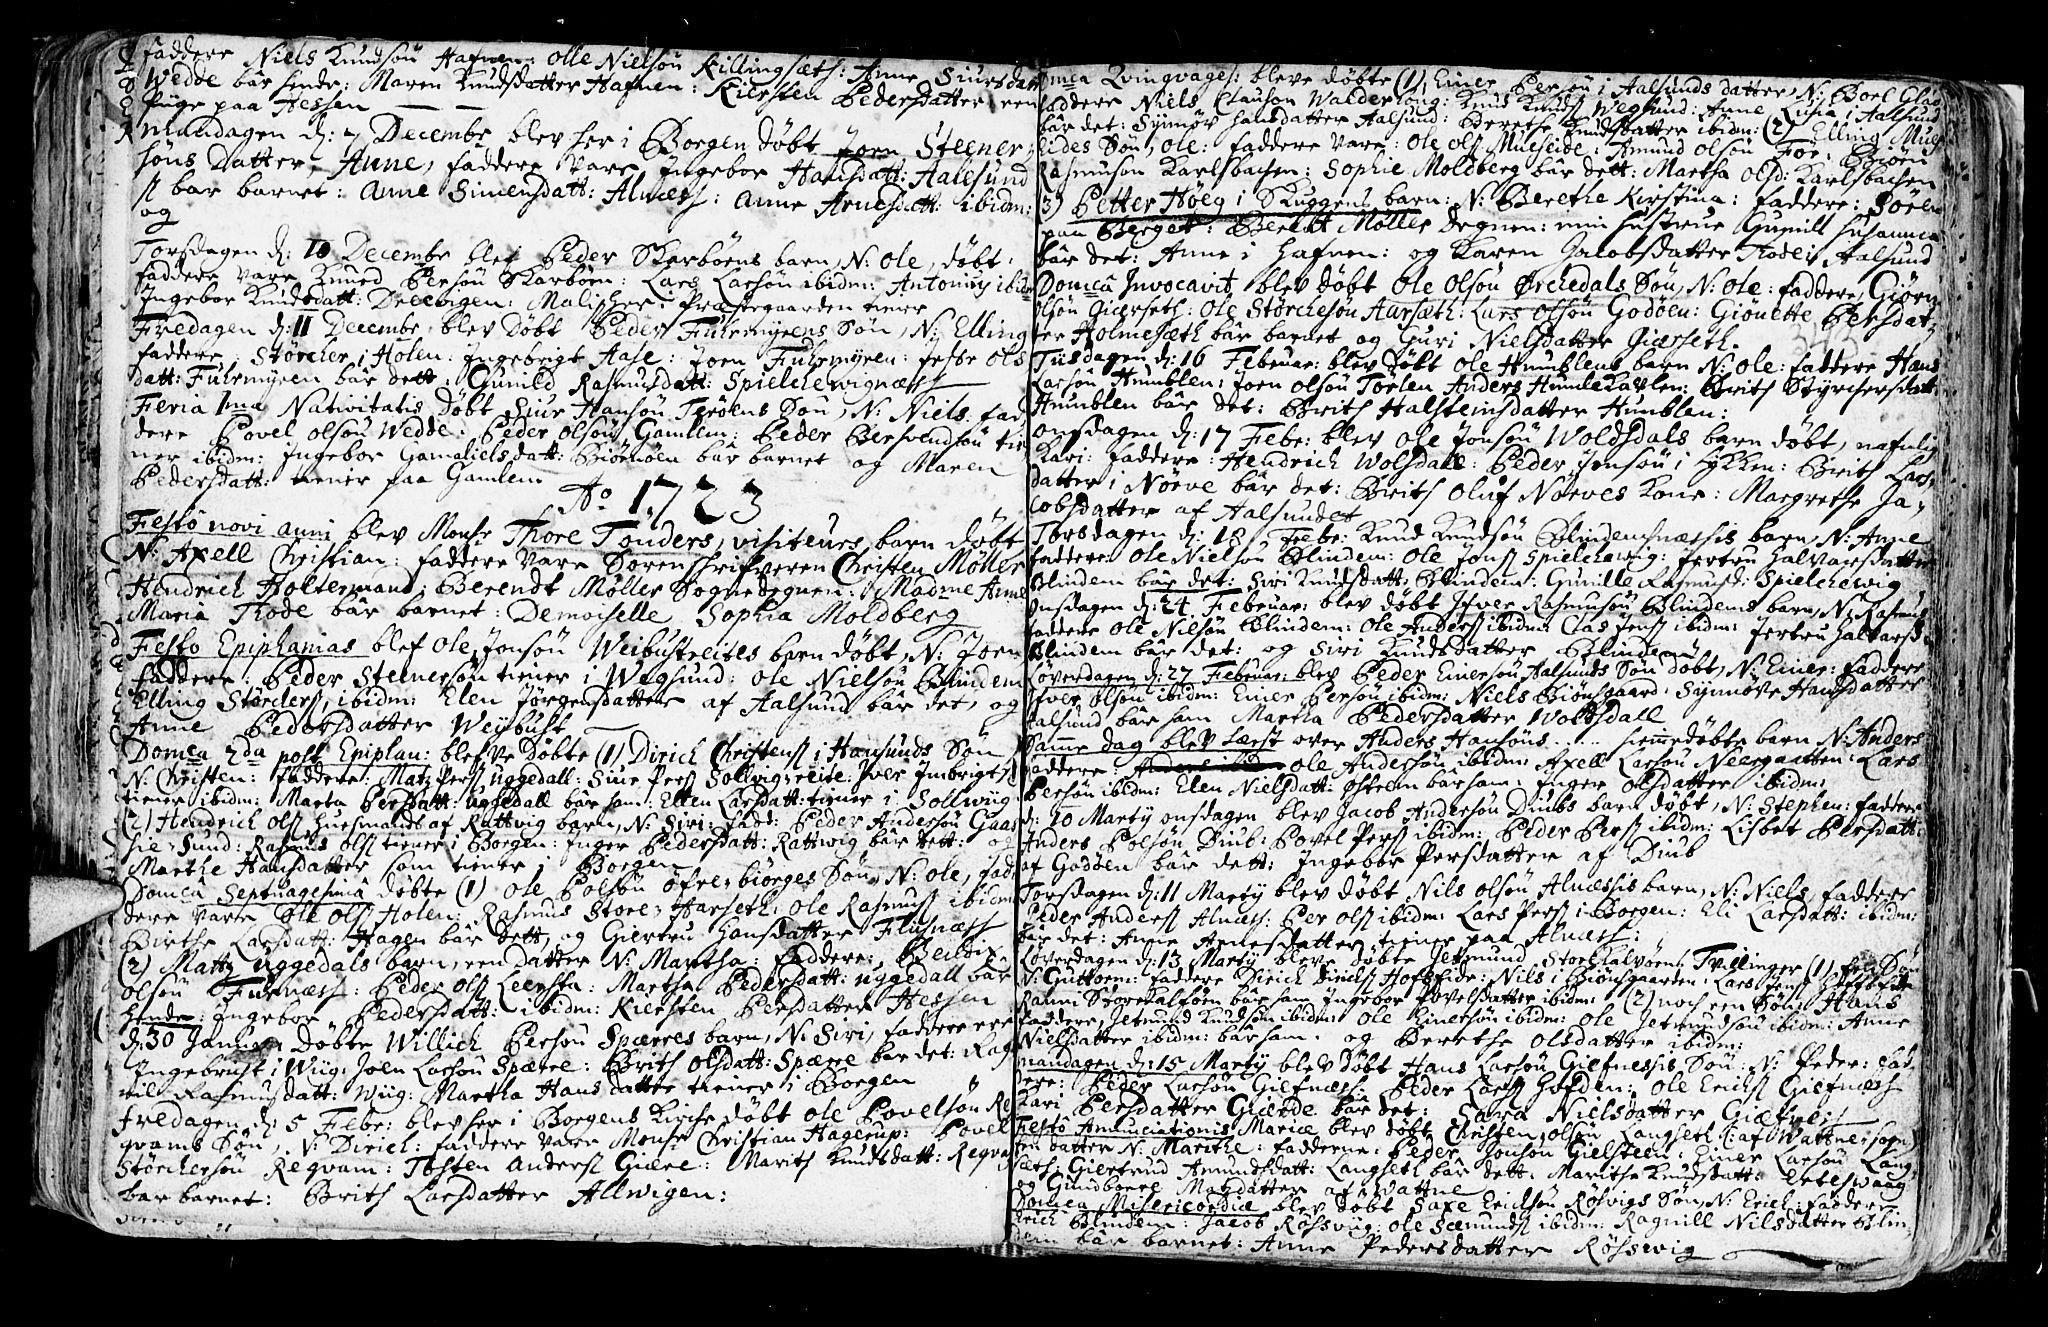 SAT, Ministerialprotokoller, klokkerbøker og fødselsregistre - Møre og Romsdal, 528/L0390: Ministerialbok nr. 528A01, 1698-1739, s. 342-343